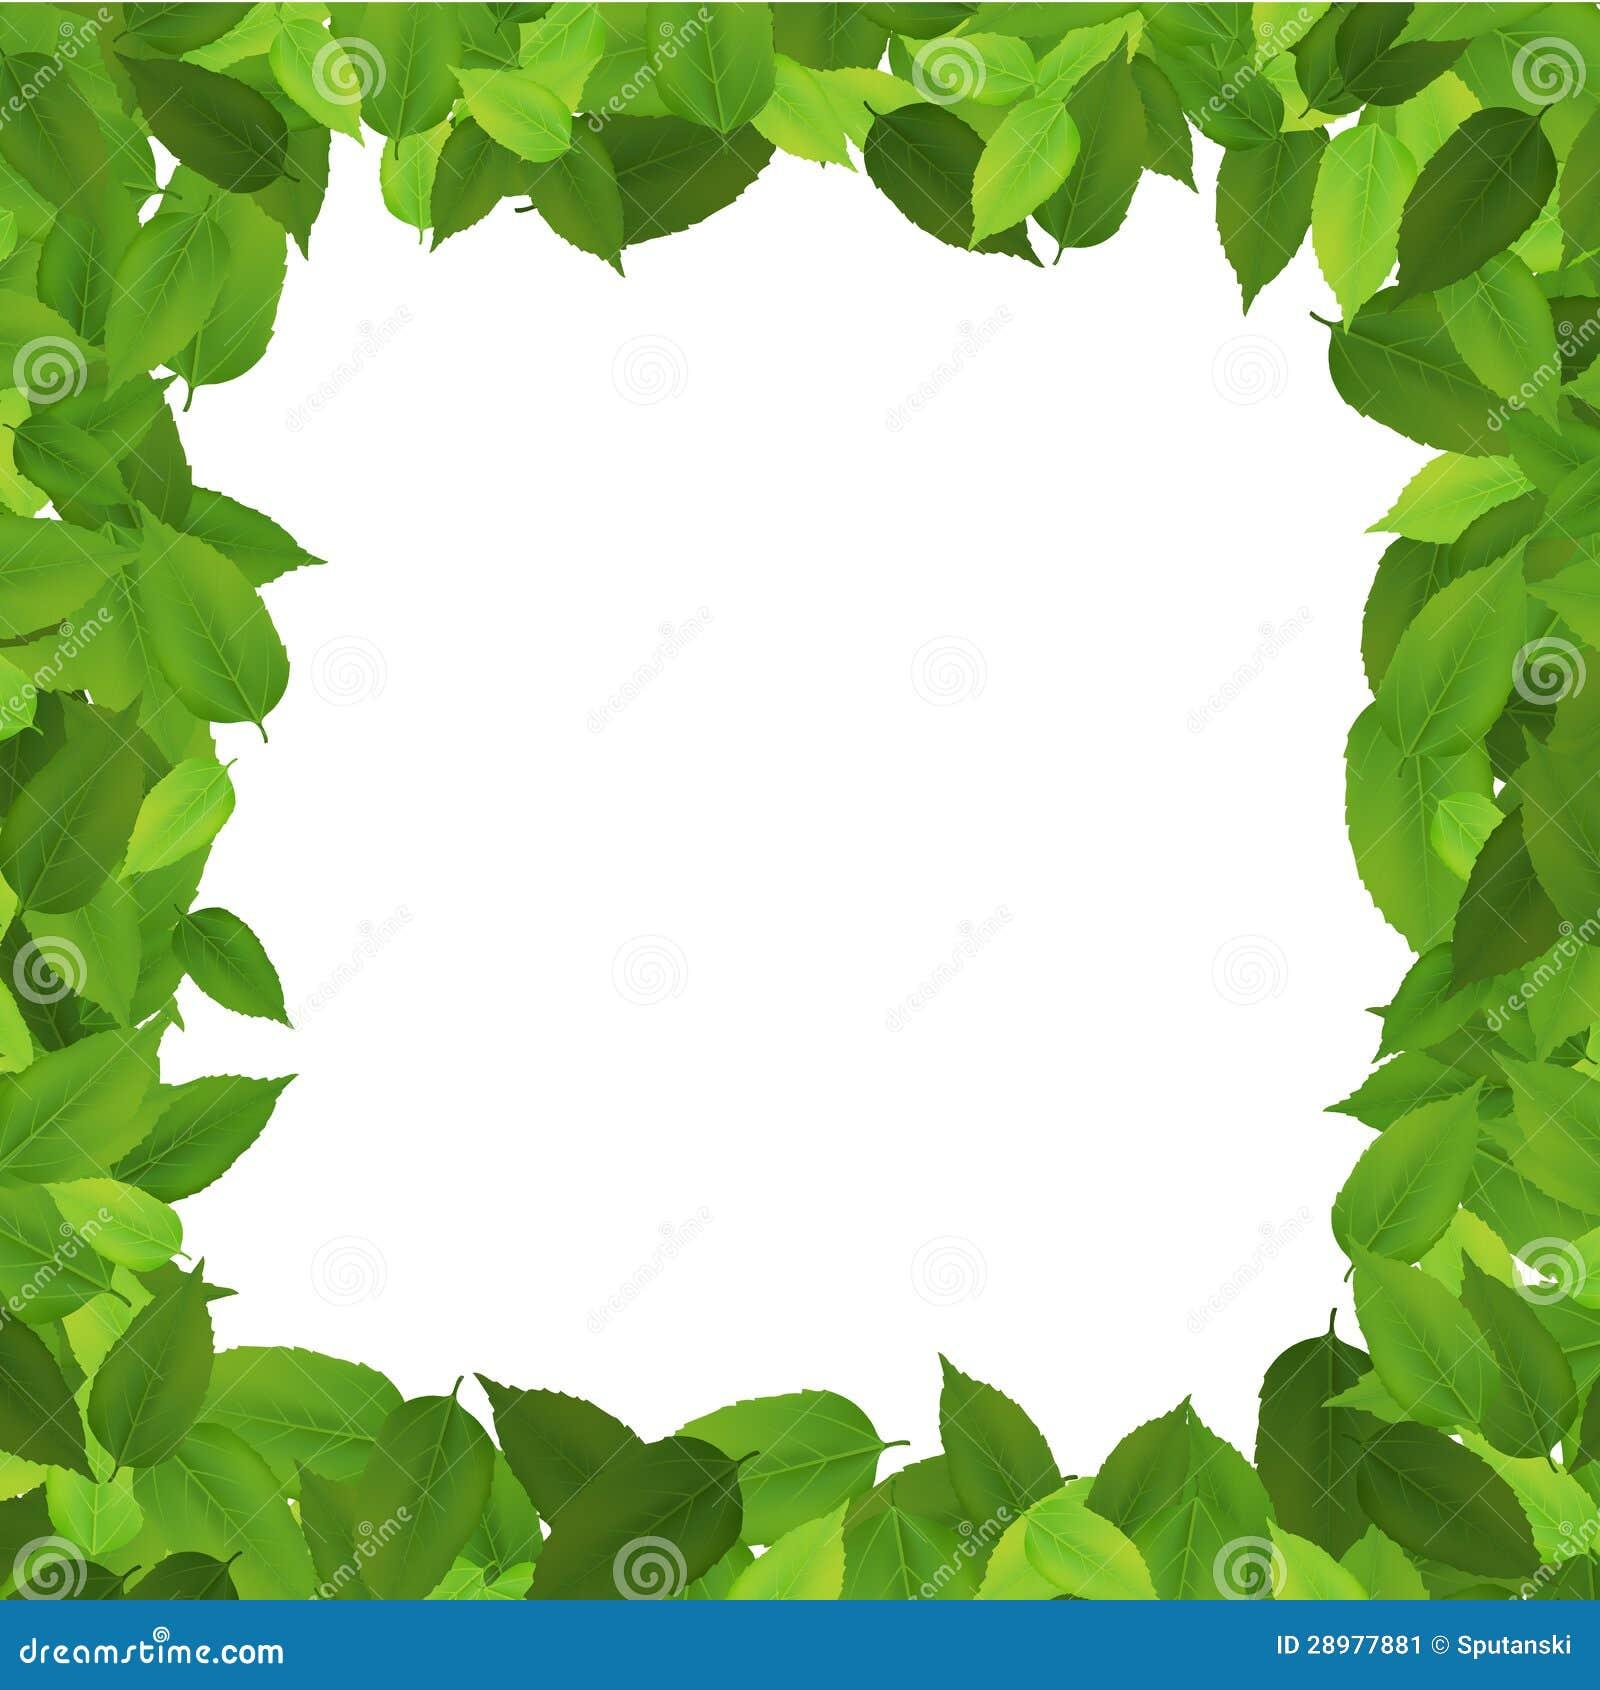 Leaf Border Stock Image - Image: 28977881